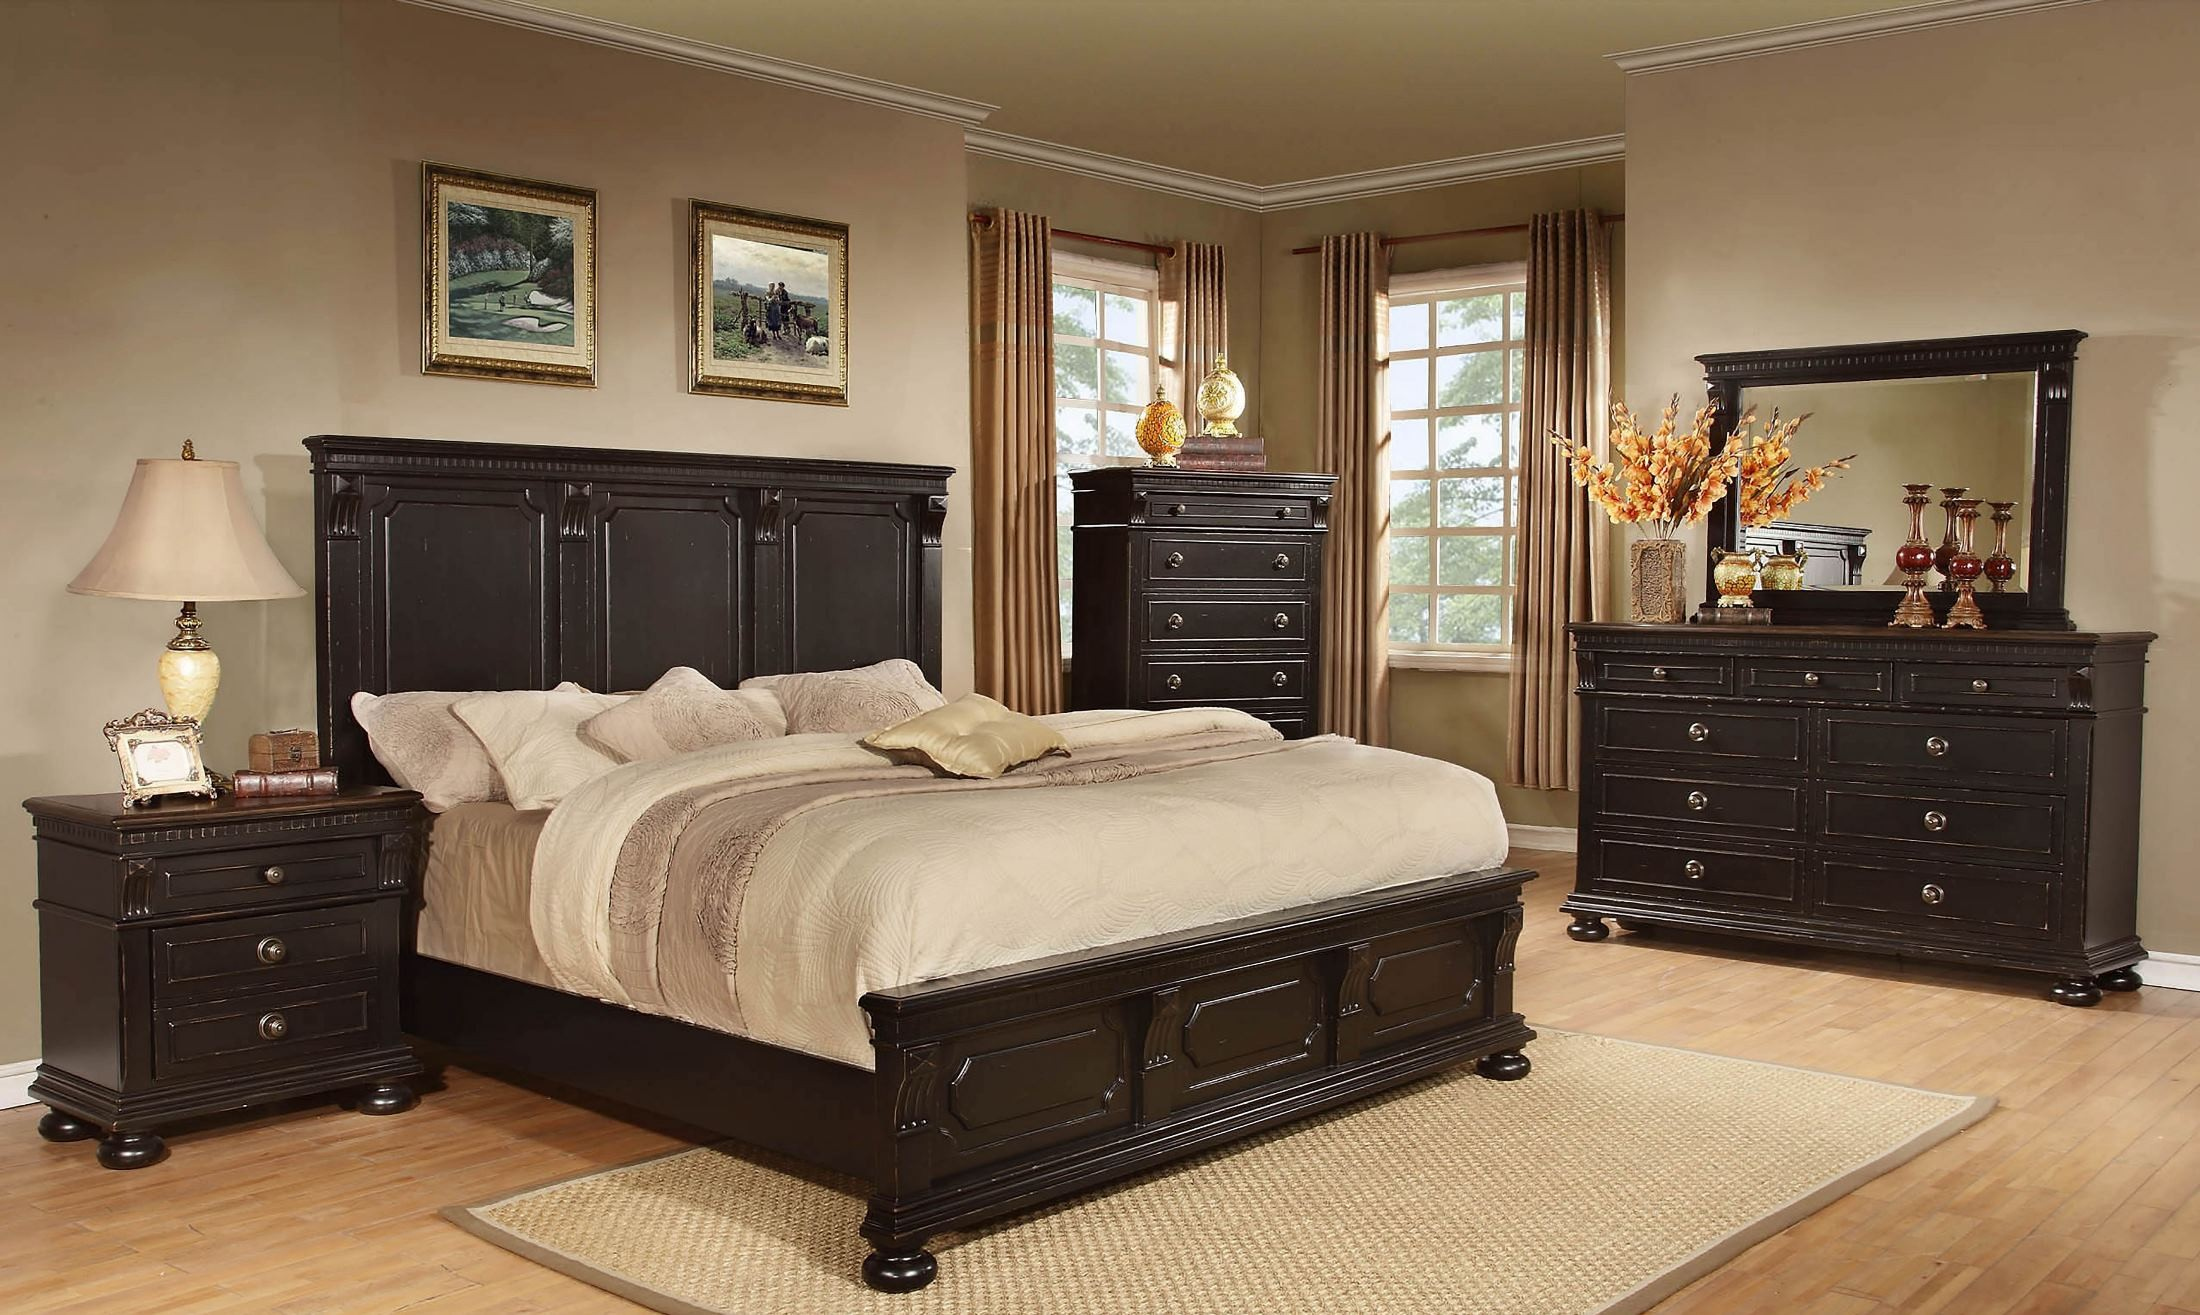 Vintage Bedroom Furniture Sets: Rivington Hall Antique Black Panel Bedroom Set, B00218-5H